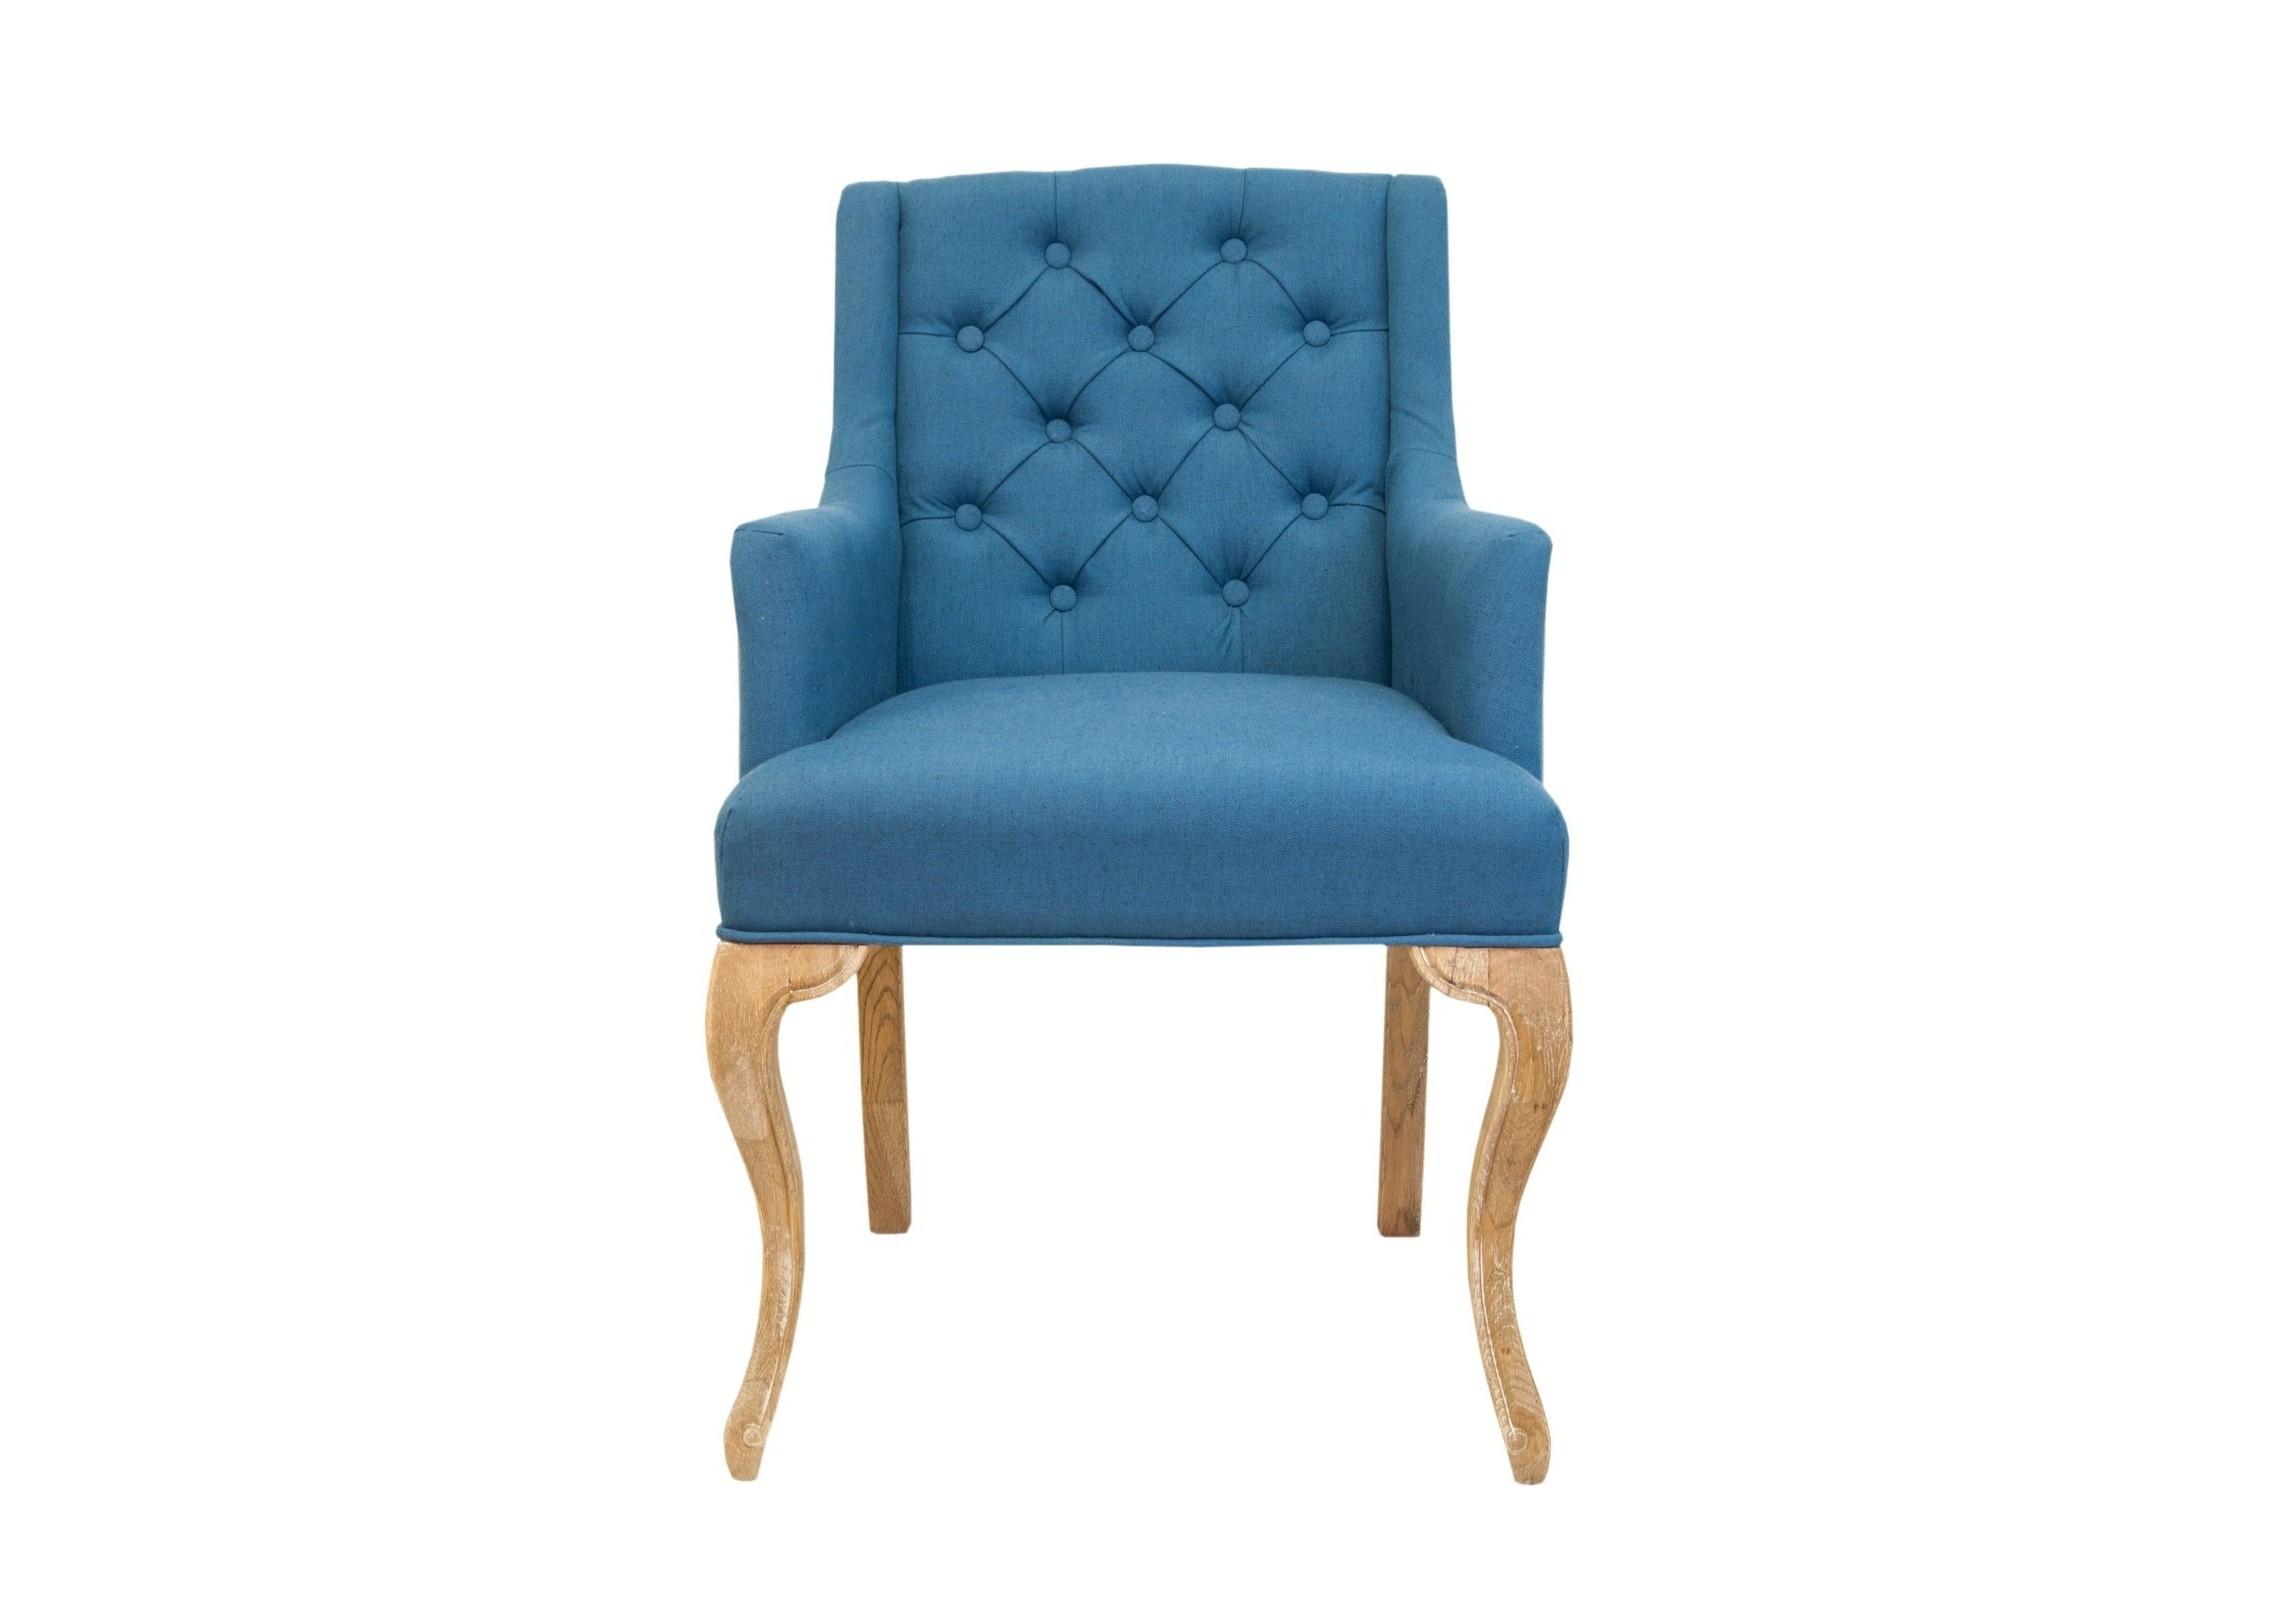 Кресло Deron blueПолукресла<br>Deron - это модель полукресла с низкой спинкой, текстильная обивка у него очень мягкая, приятная на ощупь. Передние ножки немного изогнуты, что придает изящества модели. Прекрасно впишется в интерьер как гостиной, так и столовой.&amp;amp;nbsp;<br><br>Material: Текстиль<br>Ширина см: 59<br>Высота см: 103<br>Глубина см: 65